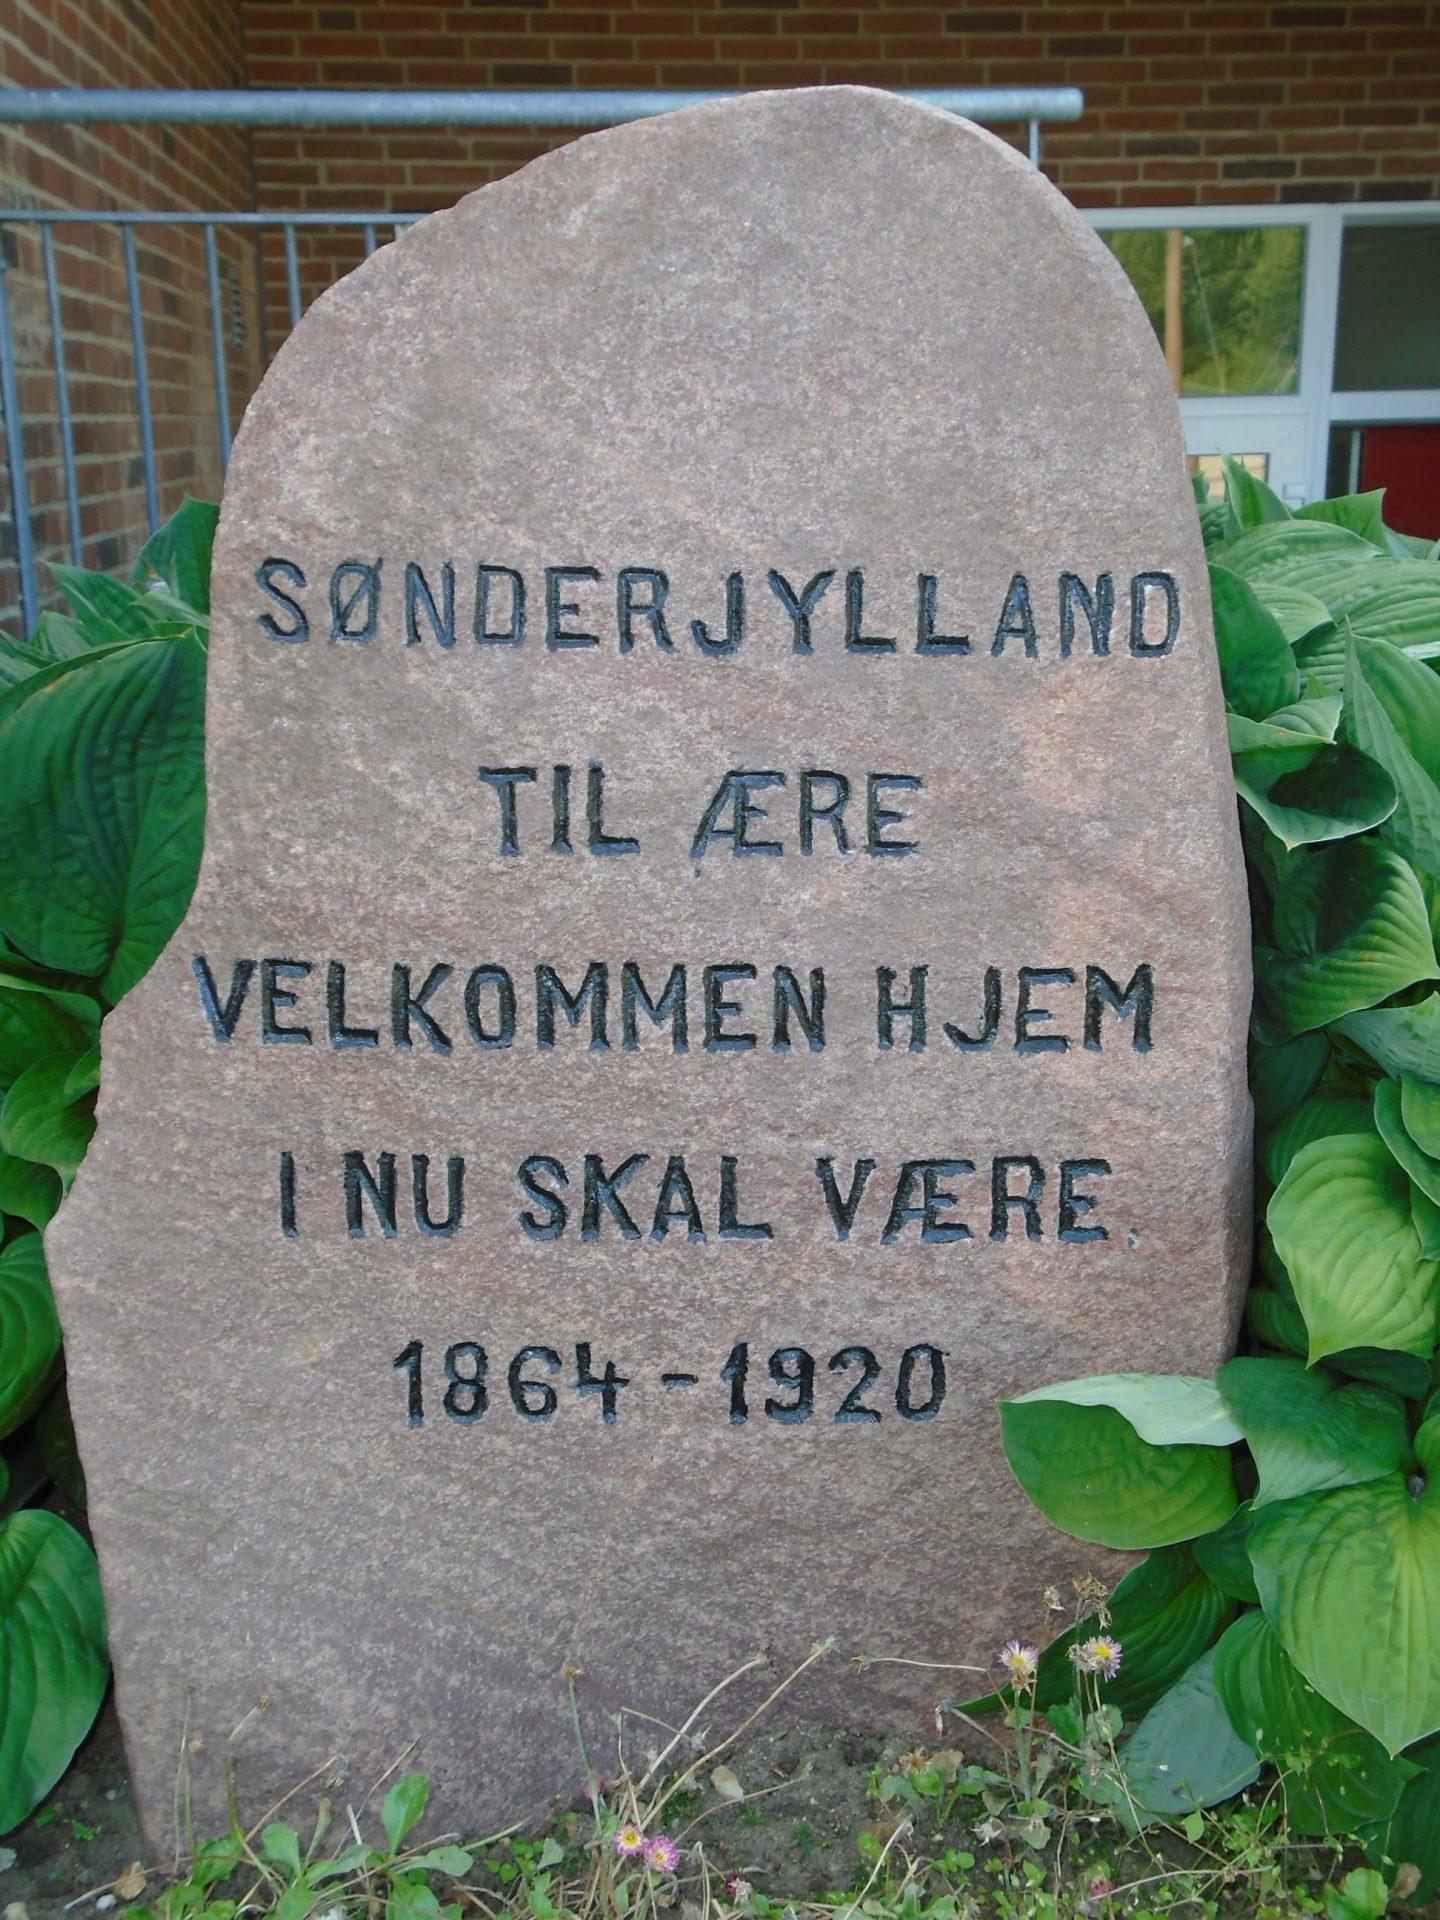 Mindestenen rejst i Vind på foranledning af Anders Kjær (1859-1945) til minde om Genforeningen i 1920.